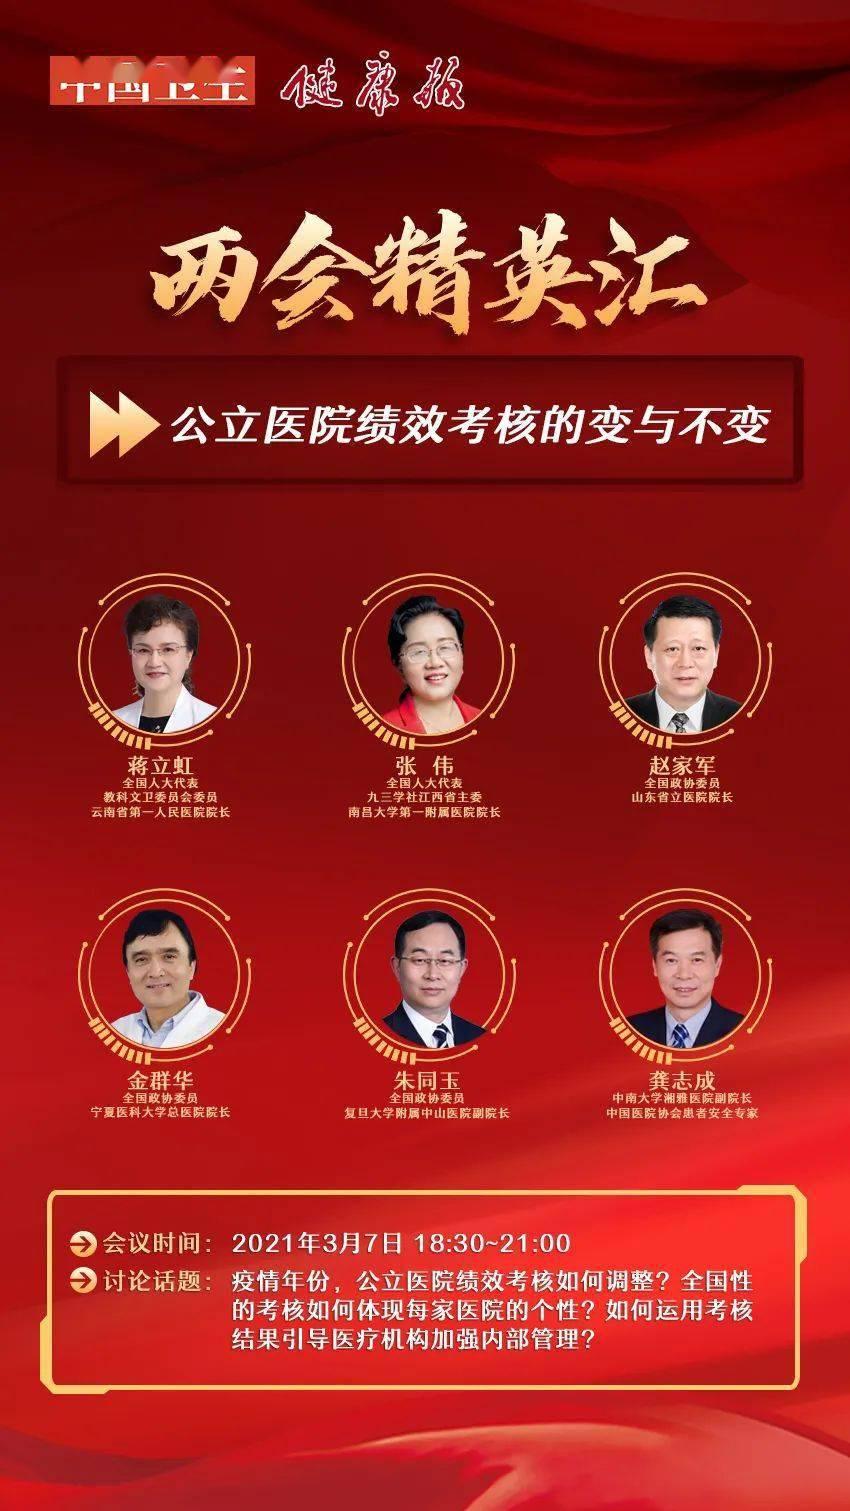 拉菲8娱乐招商-首页【1.1.8】